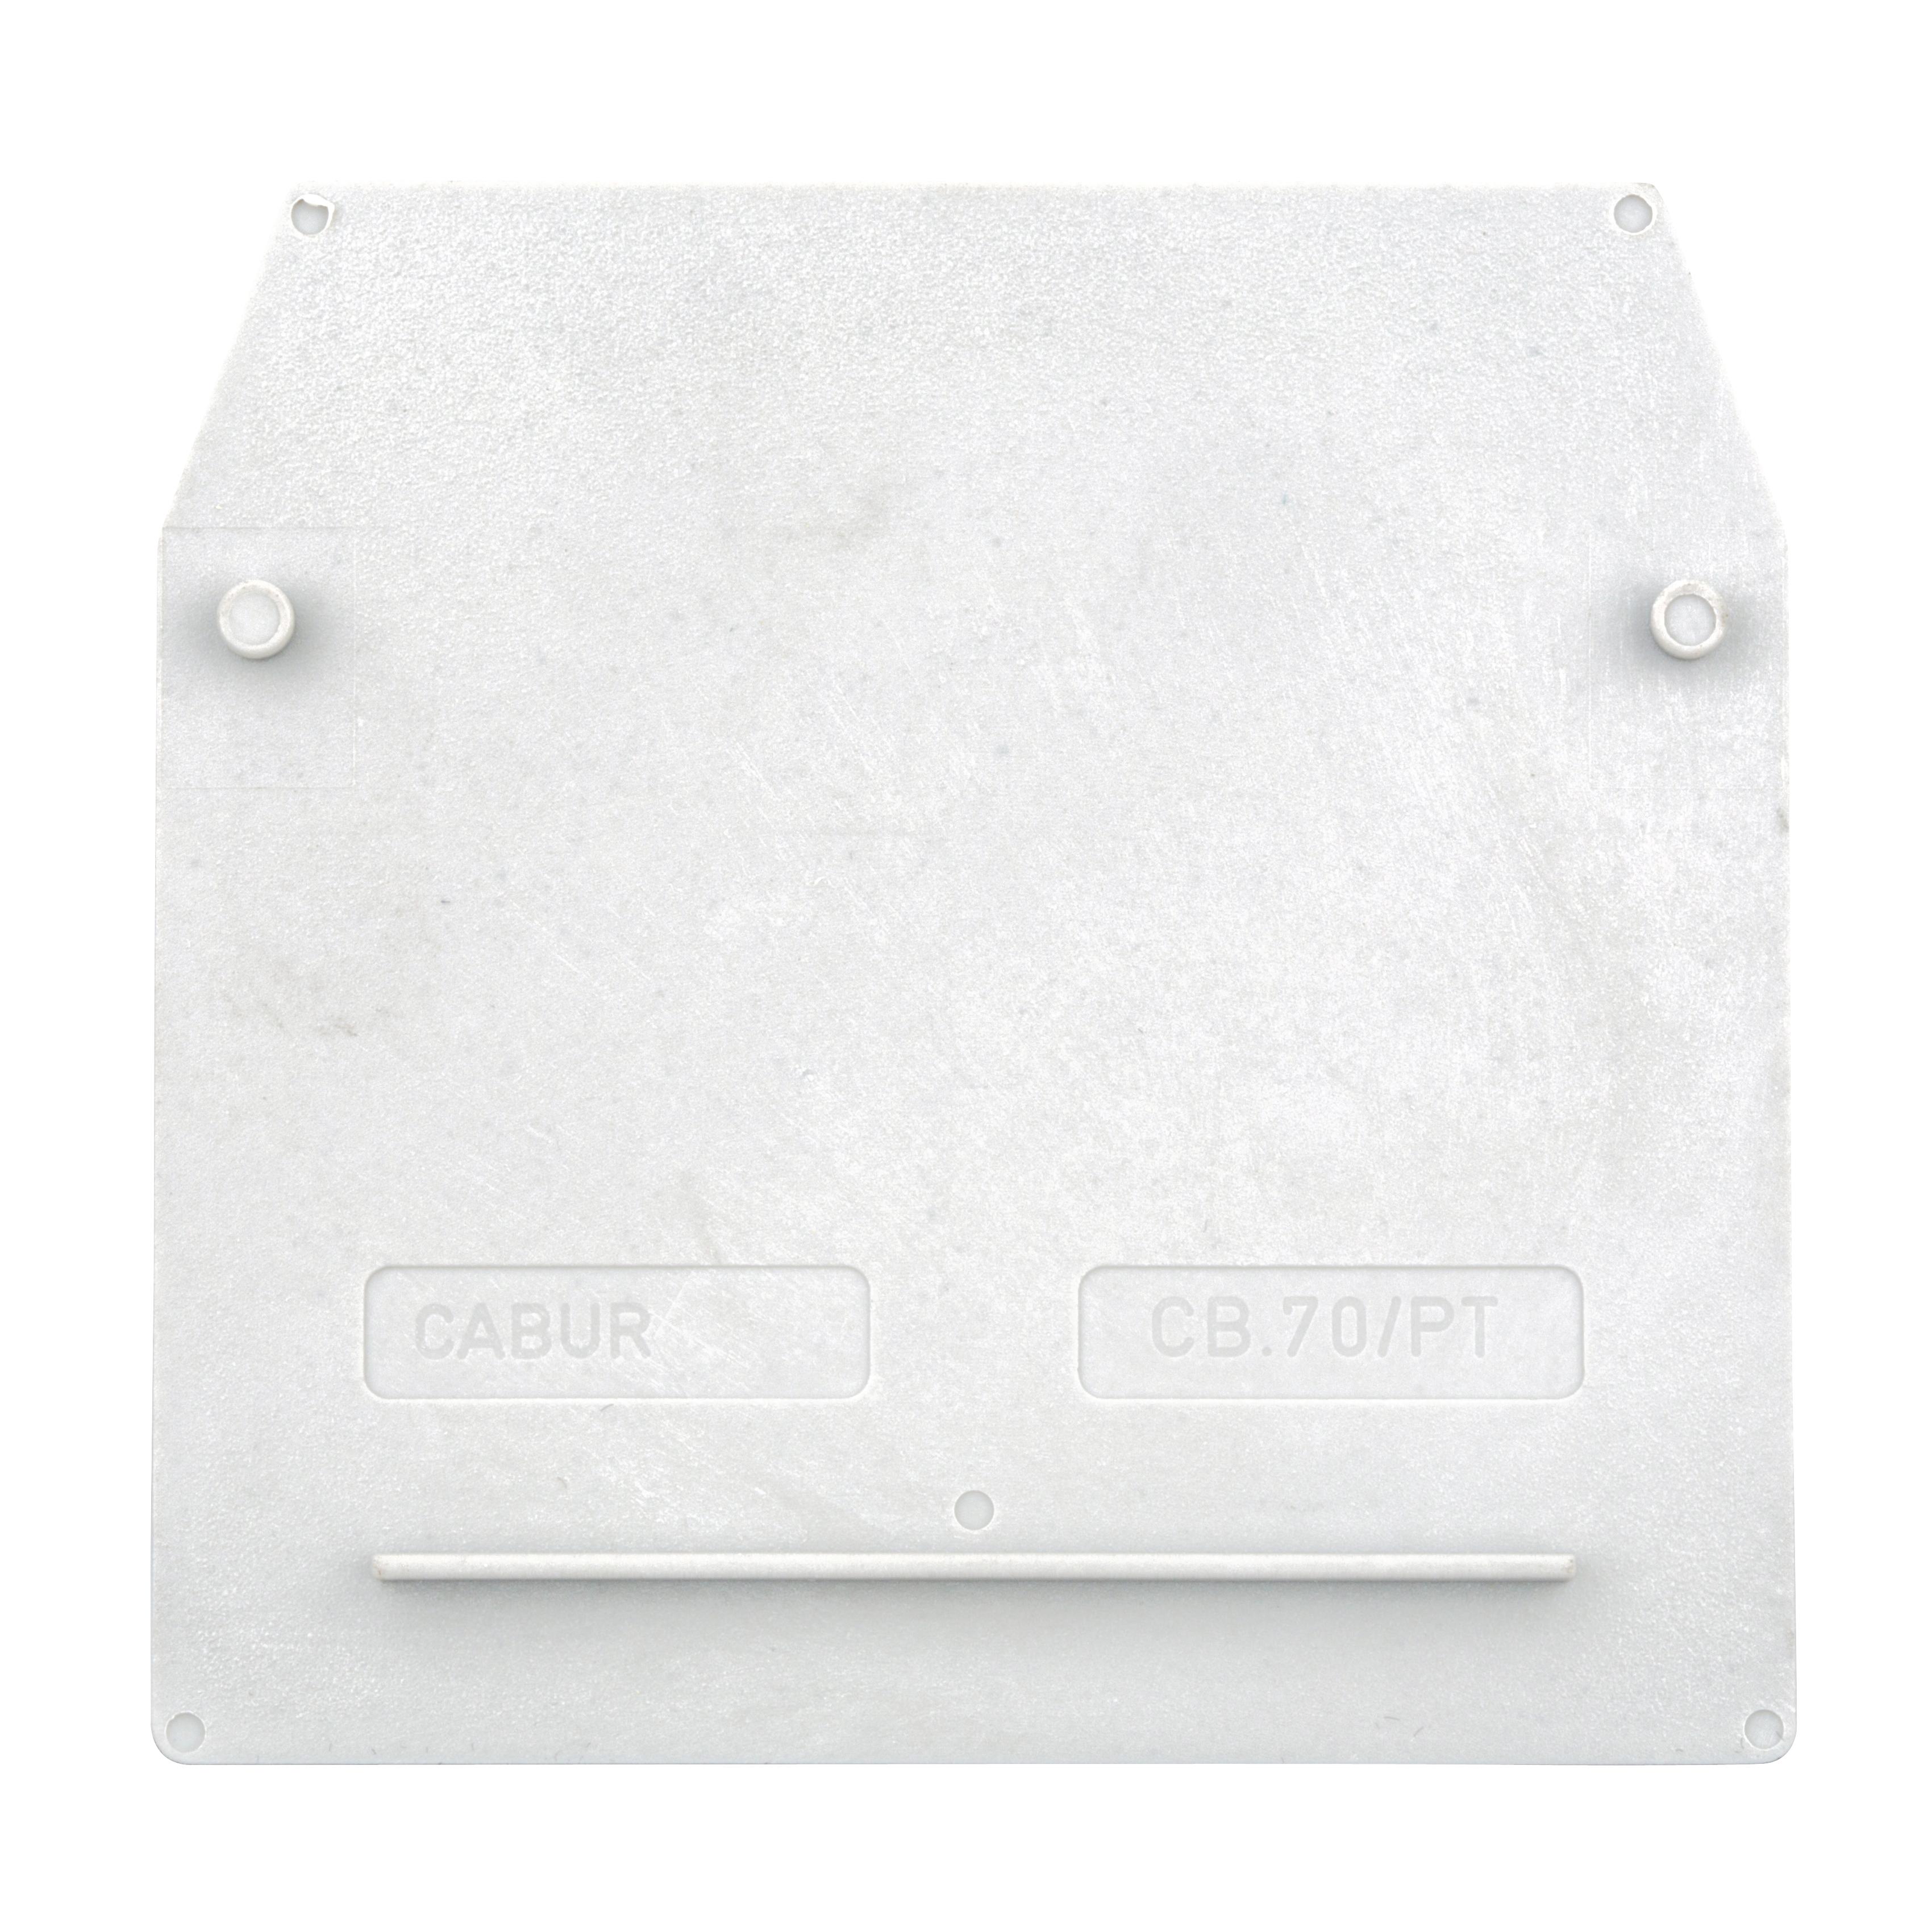 1 Stk Endplatte für Reihenklemme CBD 70mm², grau IK100270-A